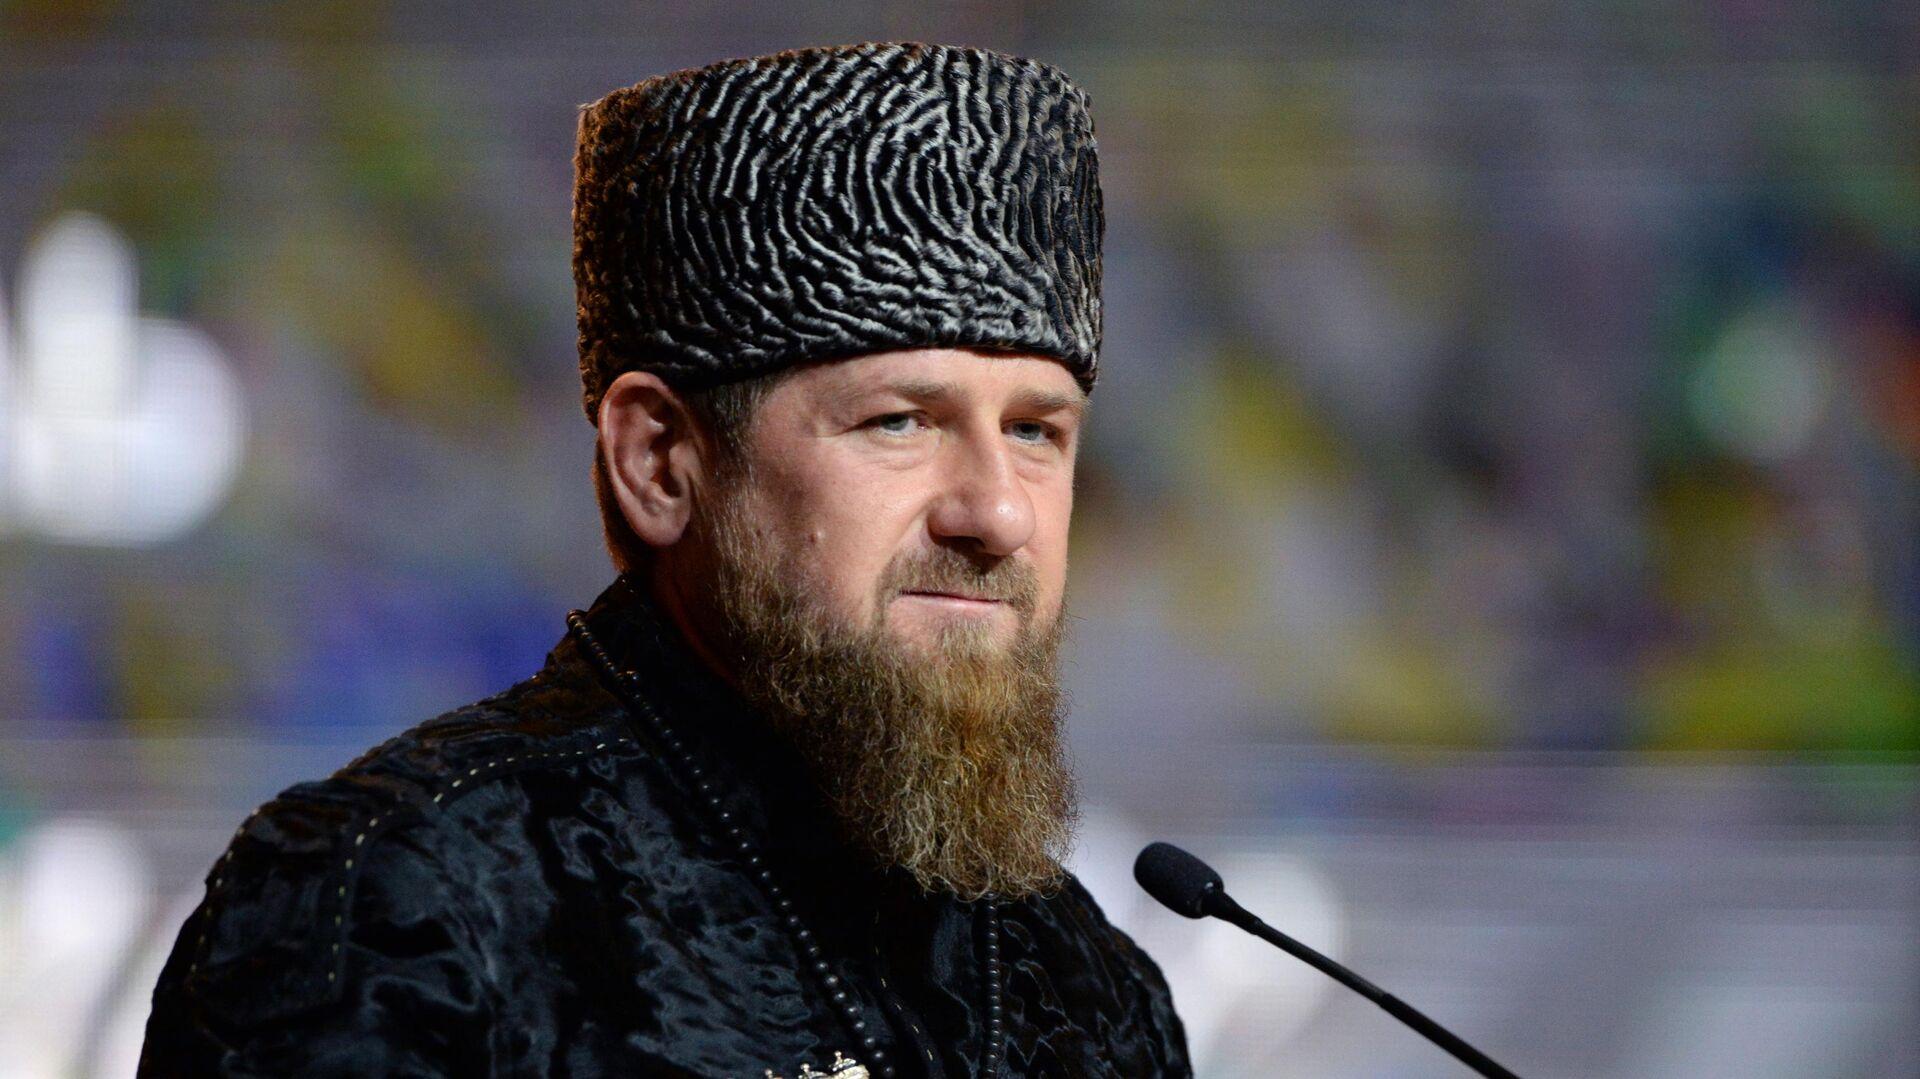 Глава Чеченской Республики Рамзан Кадыров выступает в Государственном театрально-концертном зале Грозного на праздновании Дня чеченского языка в Грозном - РИА Новости, 1920, 26.07.2020